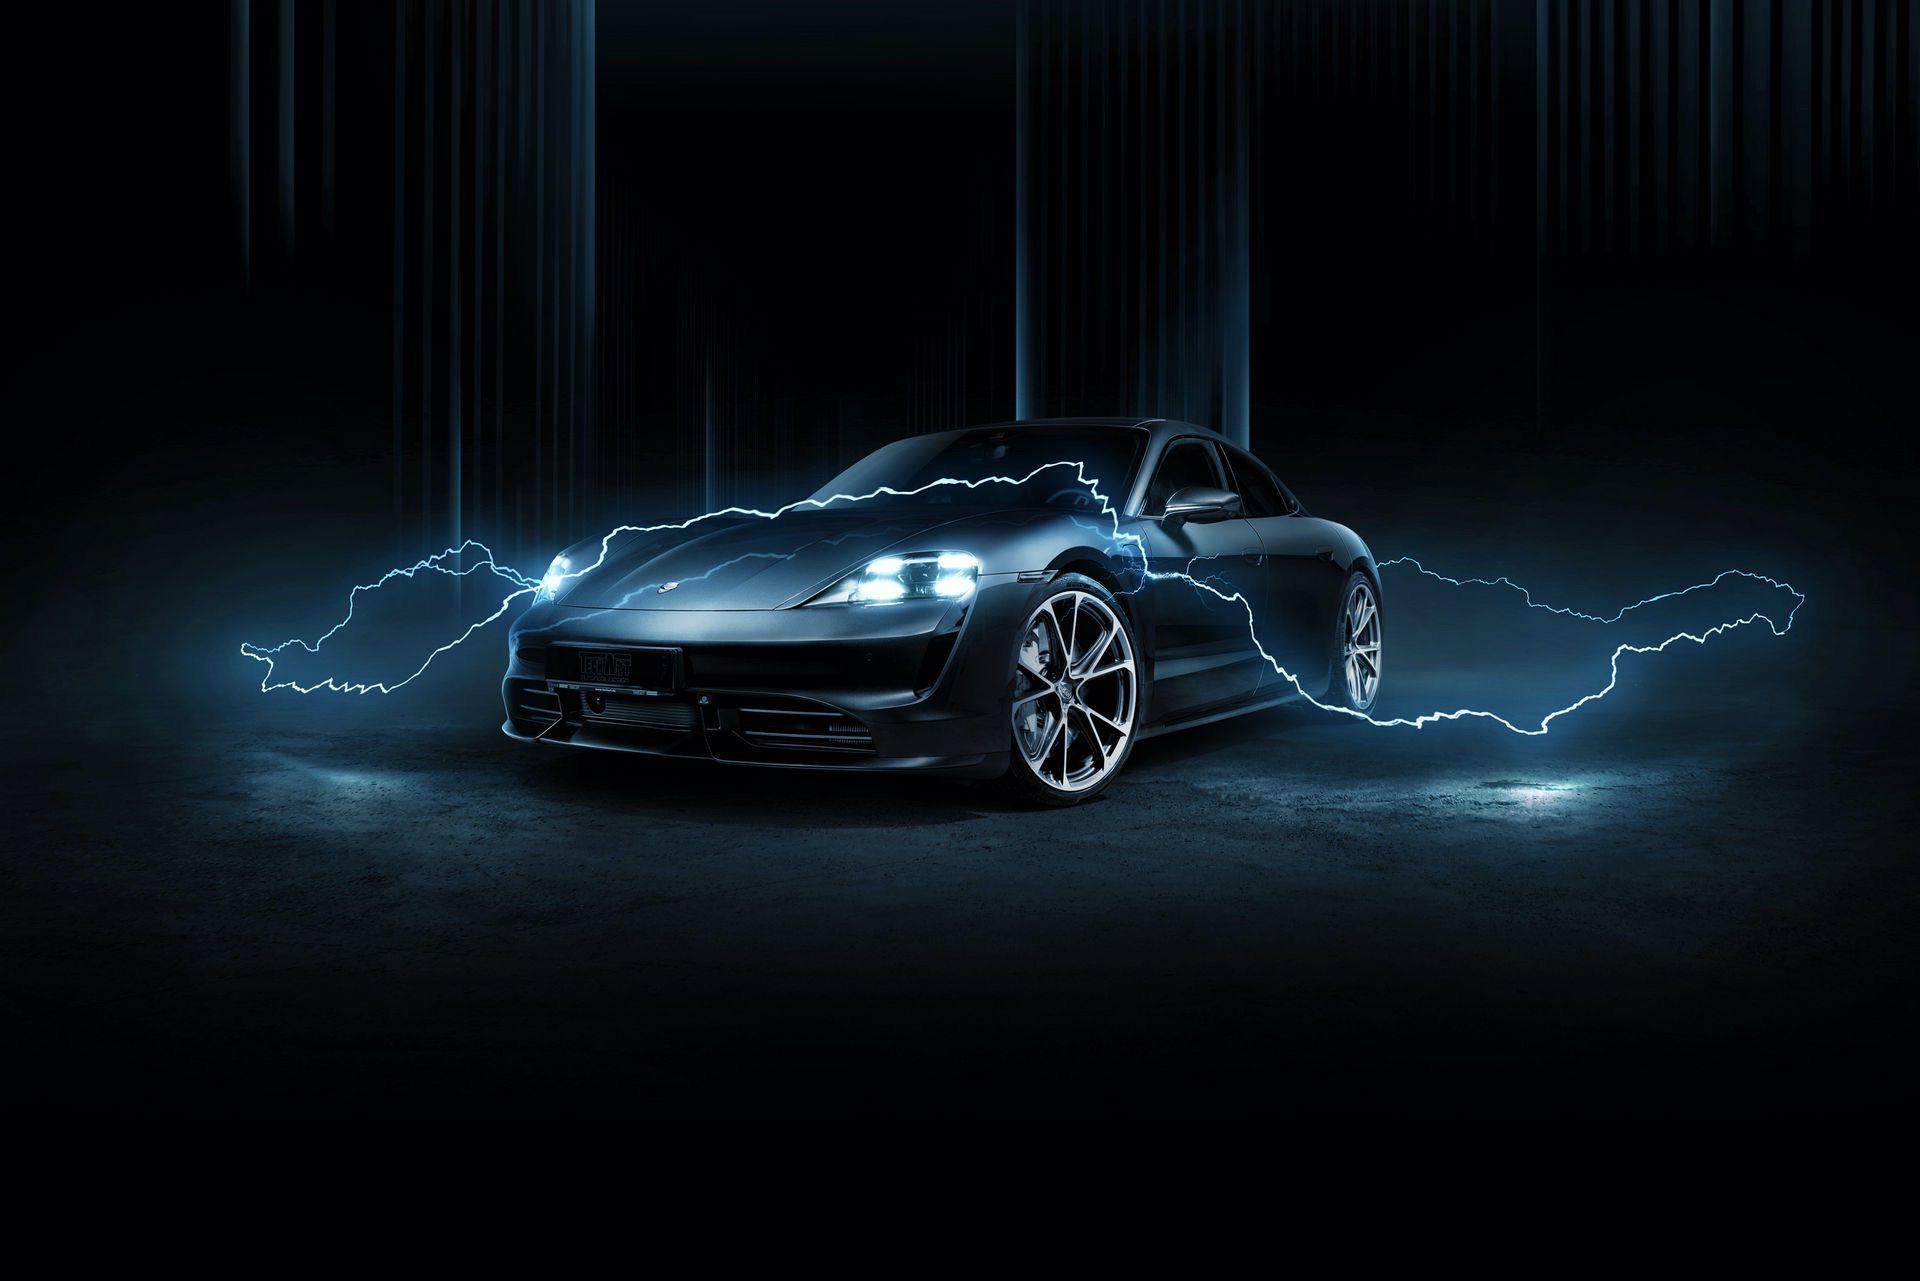 Porsche_Taycan_TechArt_0001